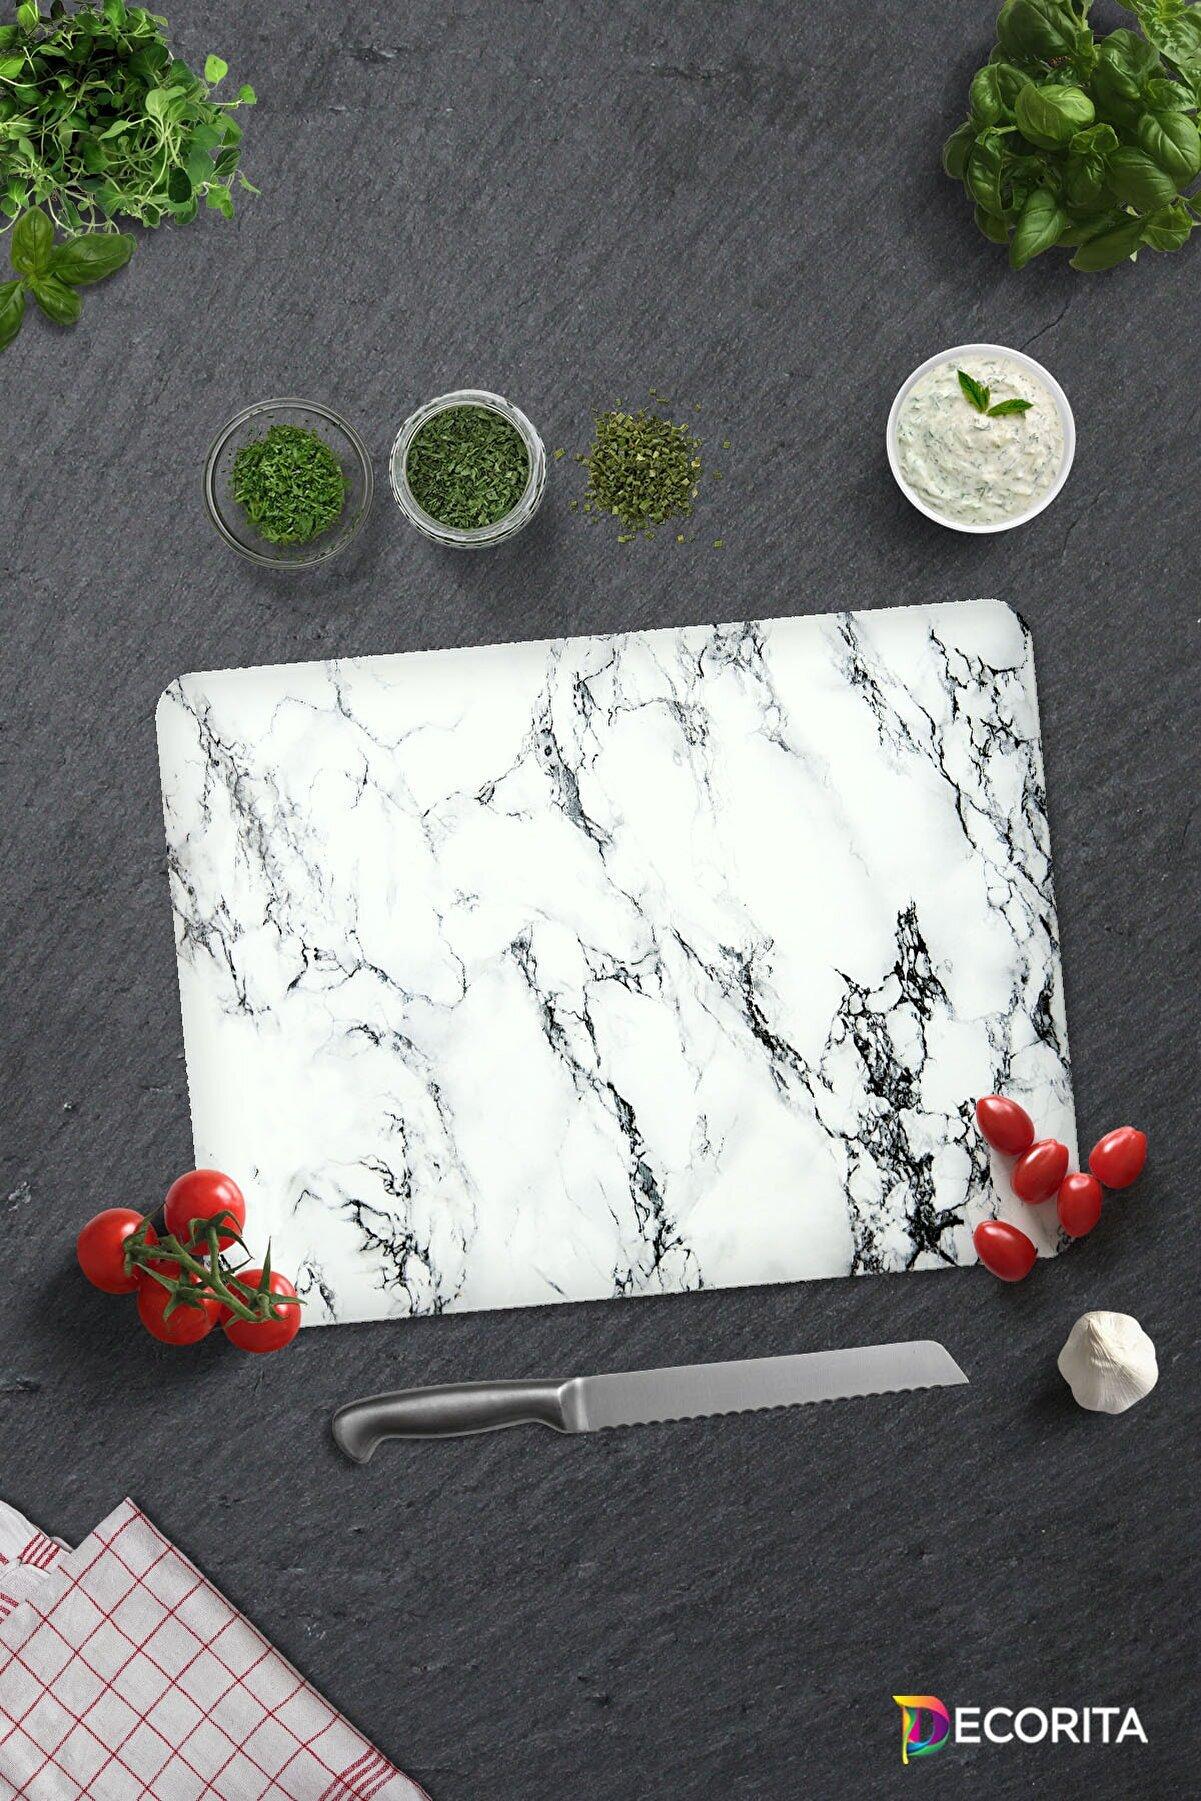 Decorita Cam Kesme Tahtası Cam Kesim Tablası Beyaz Mermer Görünümlü 30cm x 40cm